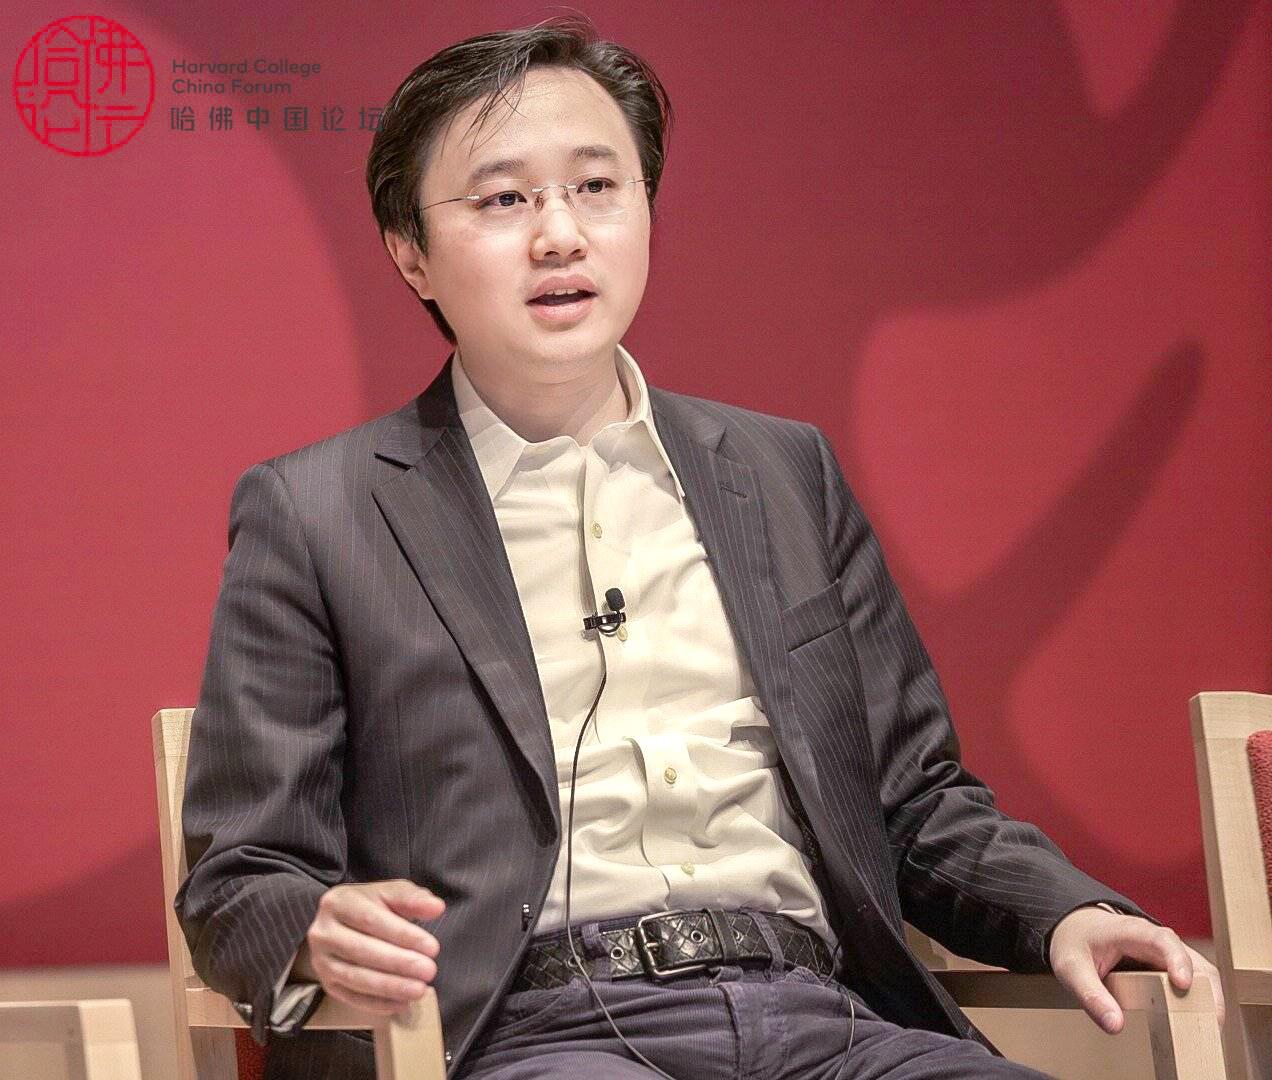 元实资本张海飞出席哈佛中国论坛 担任创业大赛评委